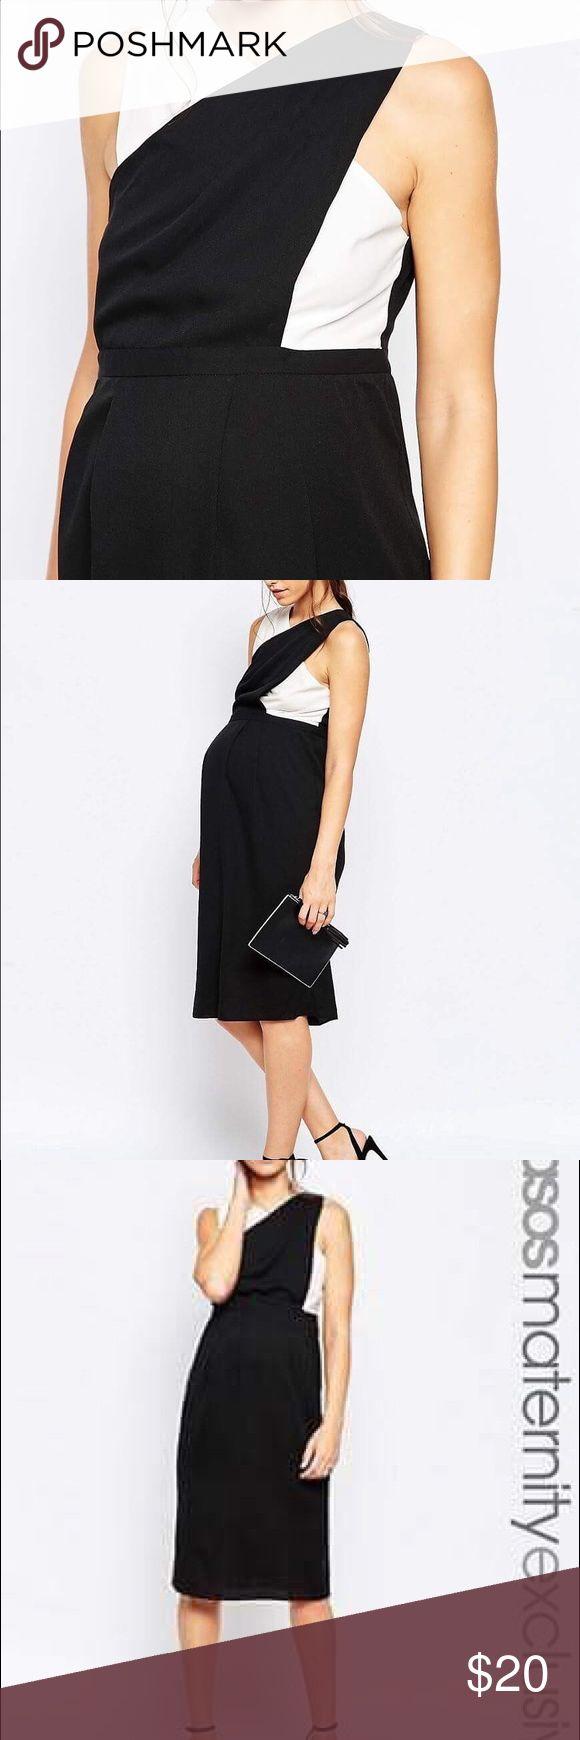 Maternity dress size 10 ASOS Black and white maternity dress ASOS Dresses Midi